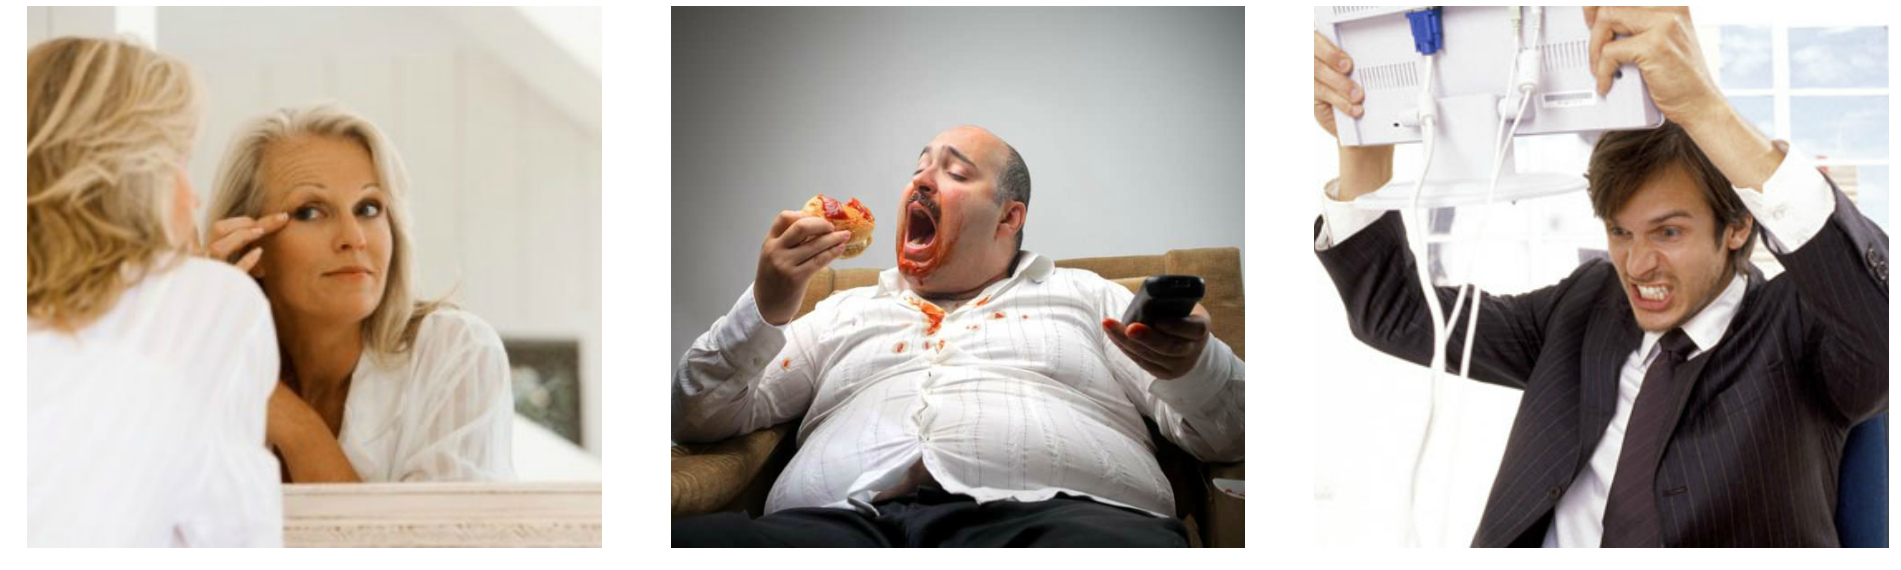 хроническое переедание больного продуктов содержащих животный жир